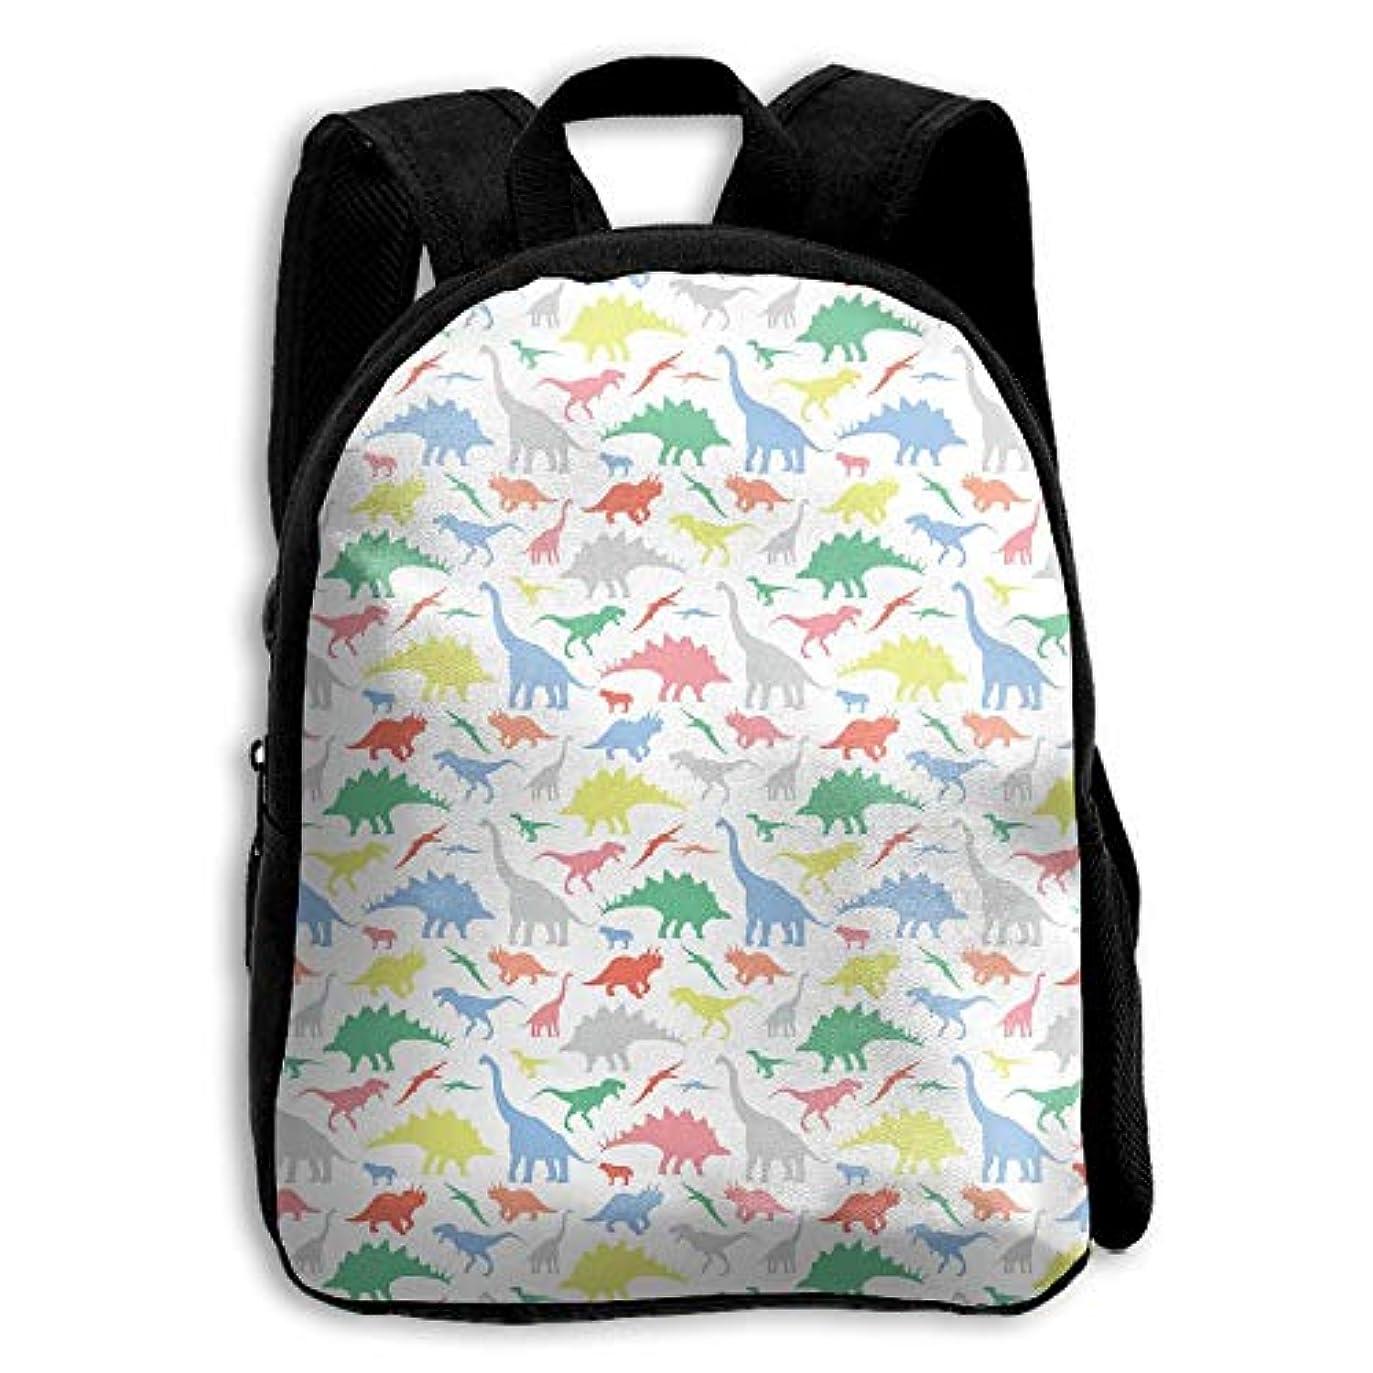 欲しいです排除インポートキッズ バックパック 子供用 リュックサック カラフル恐竜パターン ショルダー デイパック アウトドア 男の子 女の子 通学 旅行 遠足